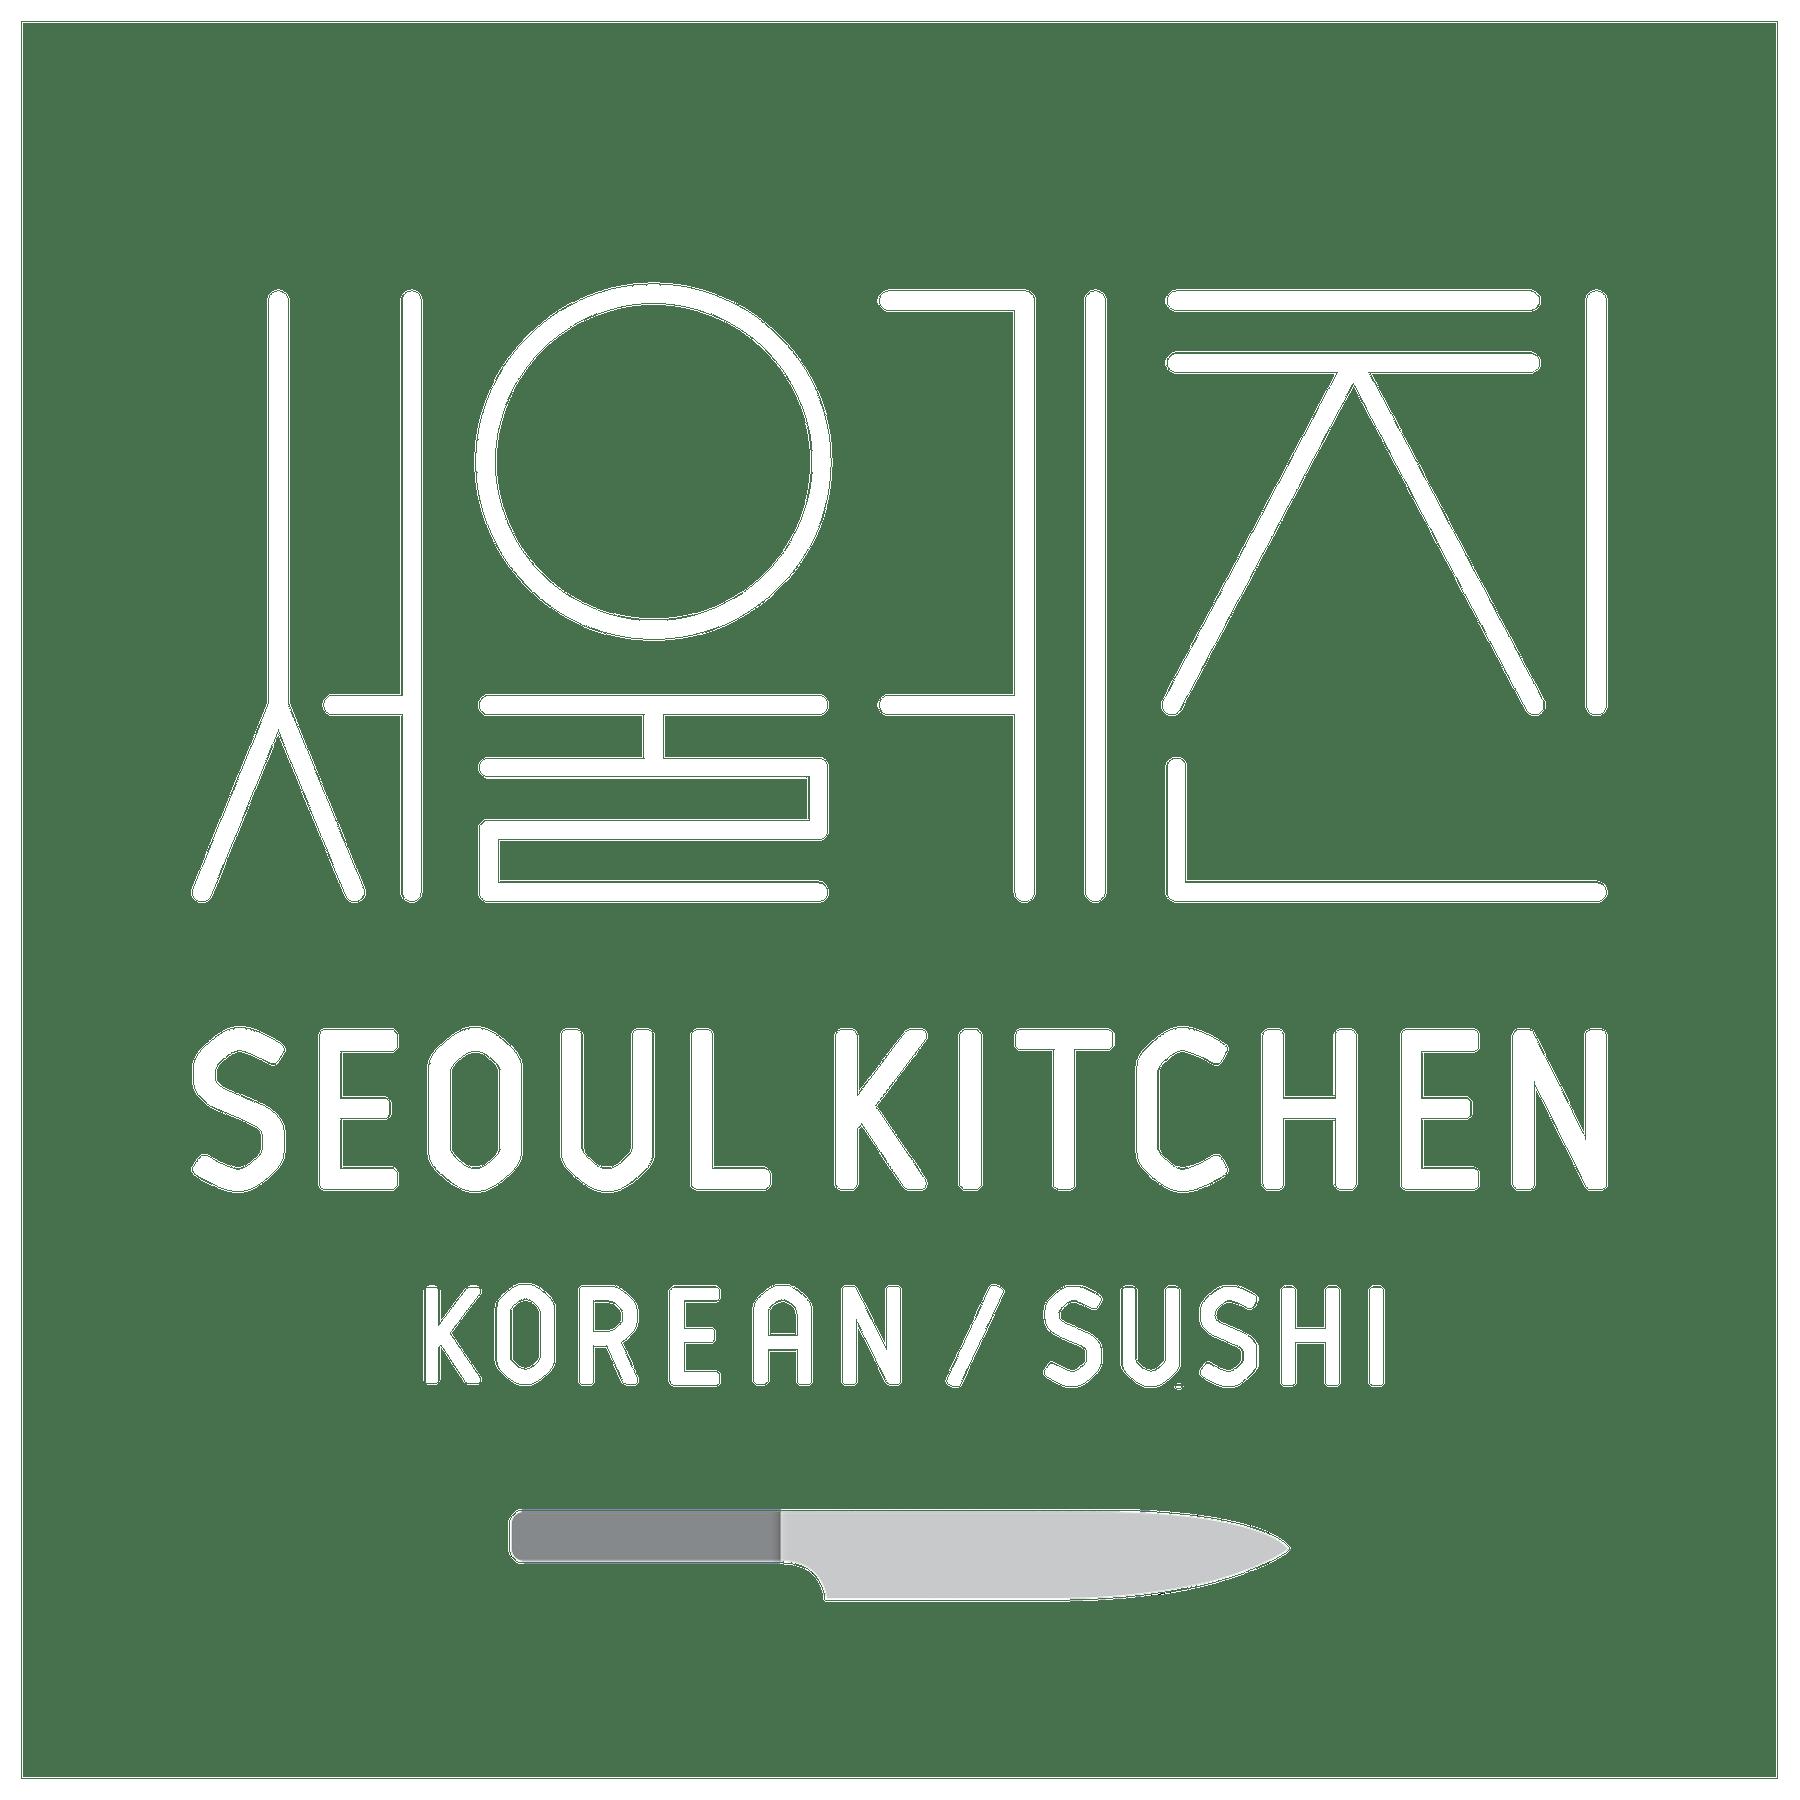 Seoul Kitchen Home